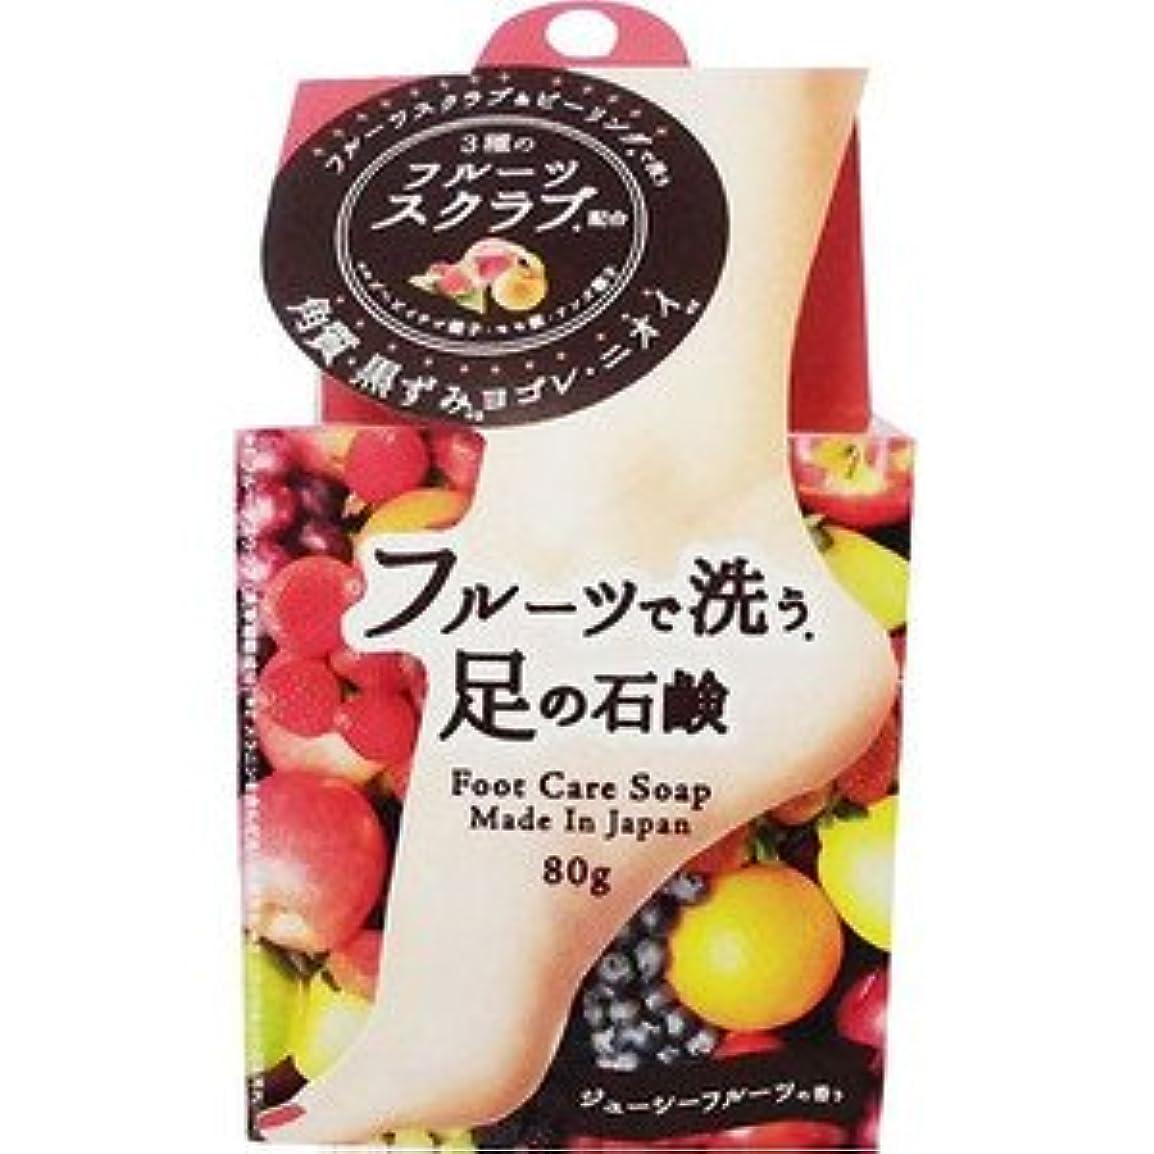 国家心理学ますます(ペリカン石鹸)フルーツで洗う足の石鹸 ジューシーフルーツの香り 80g(お買い得3個セット)